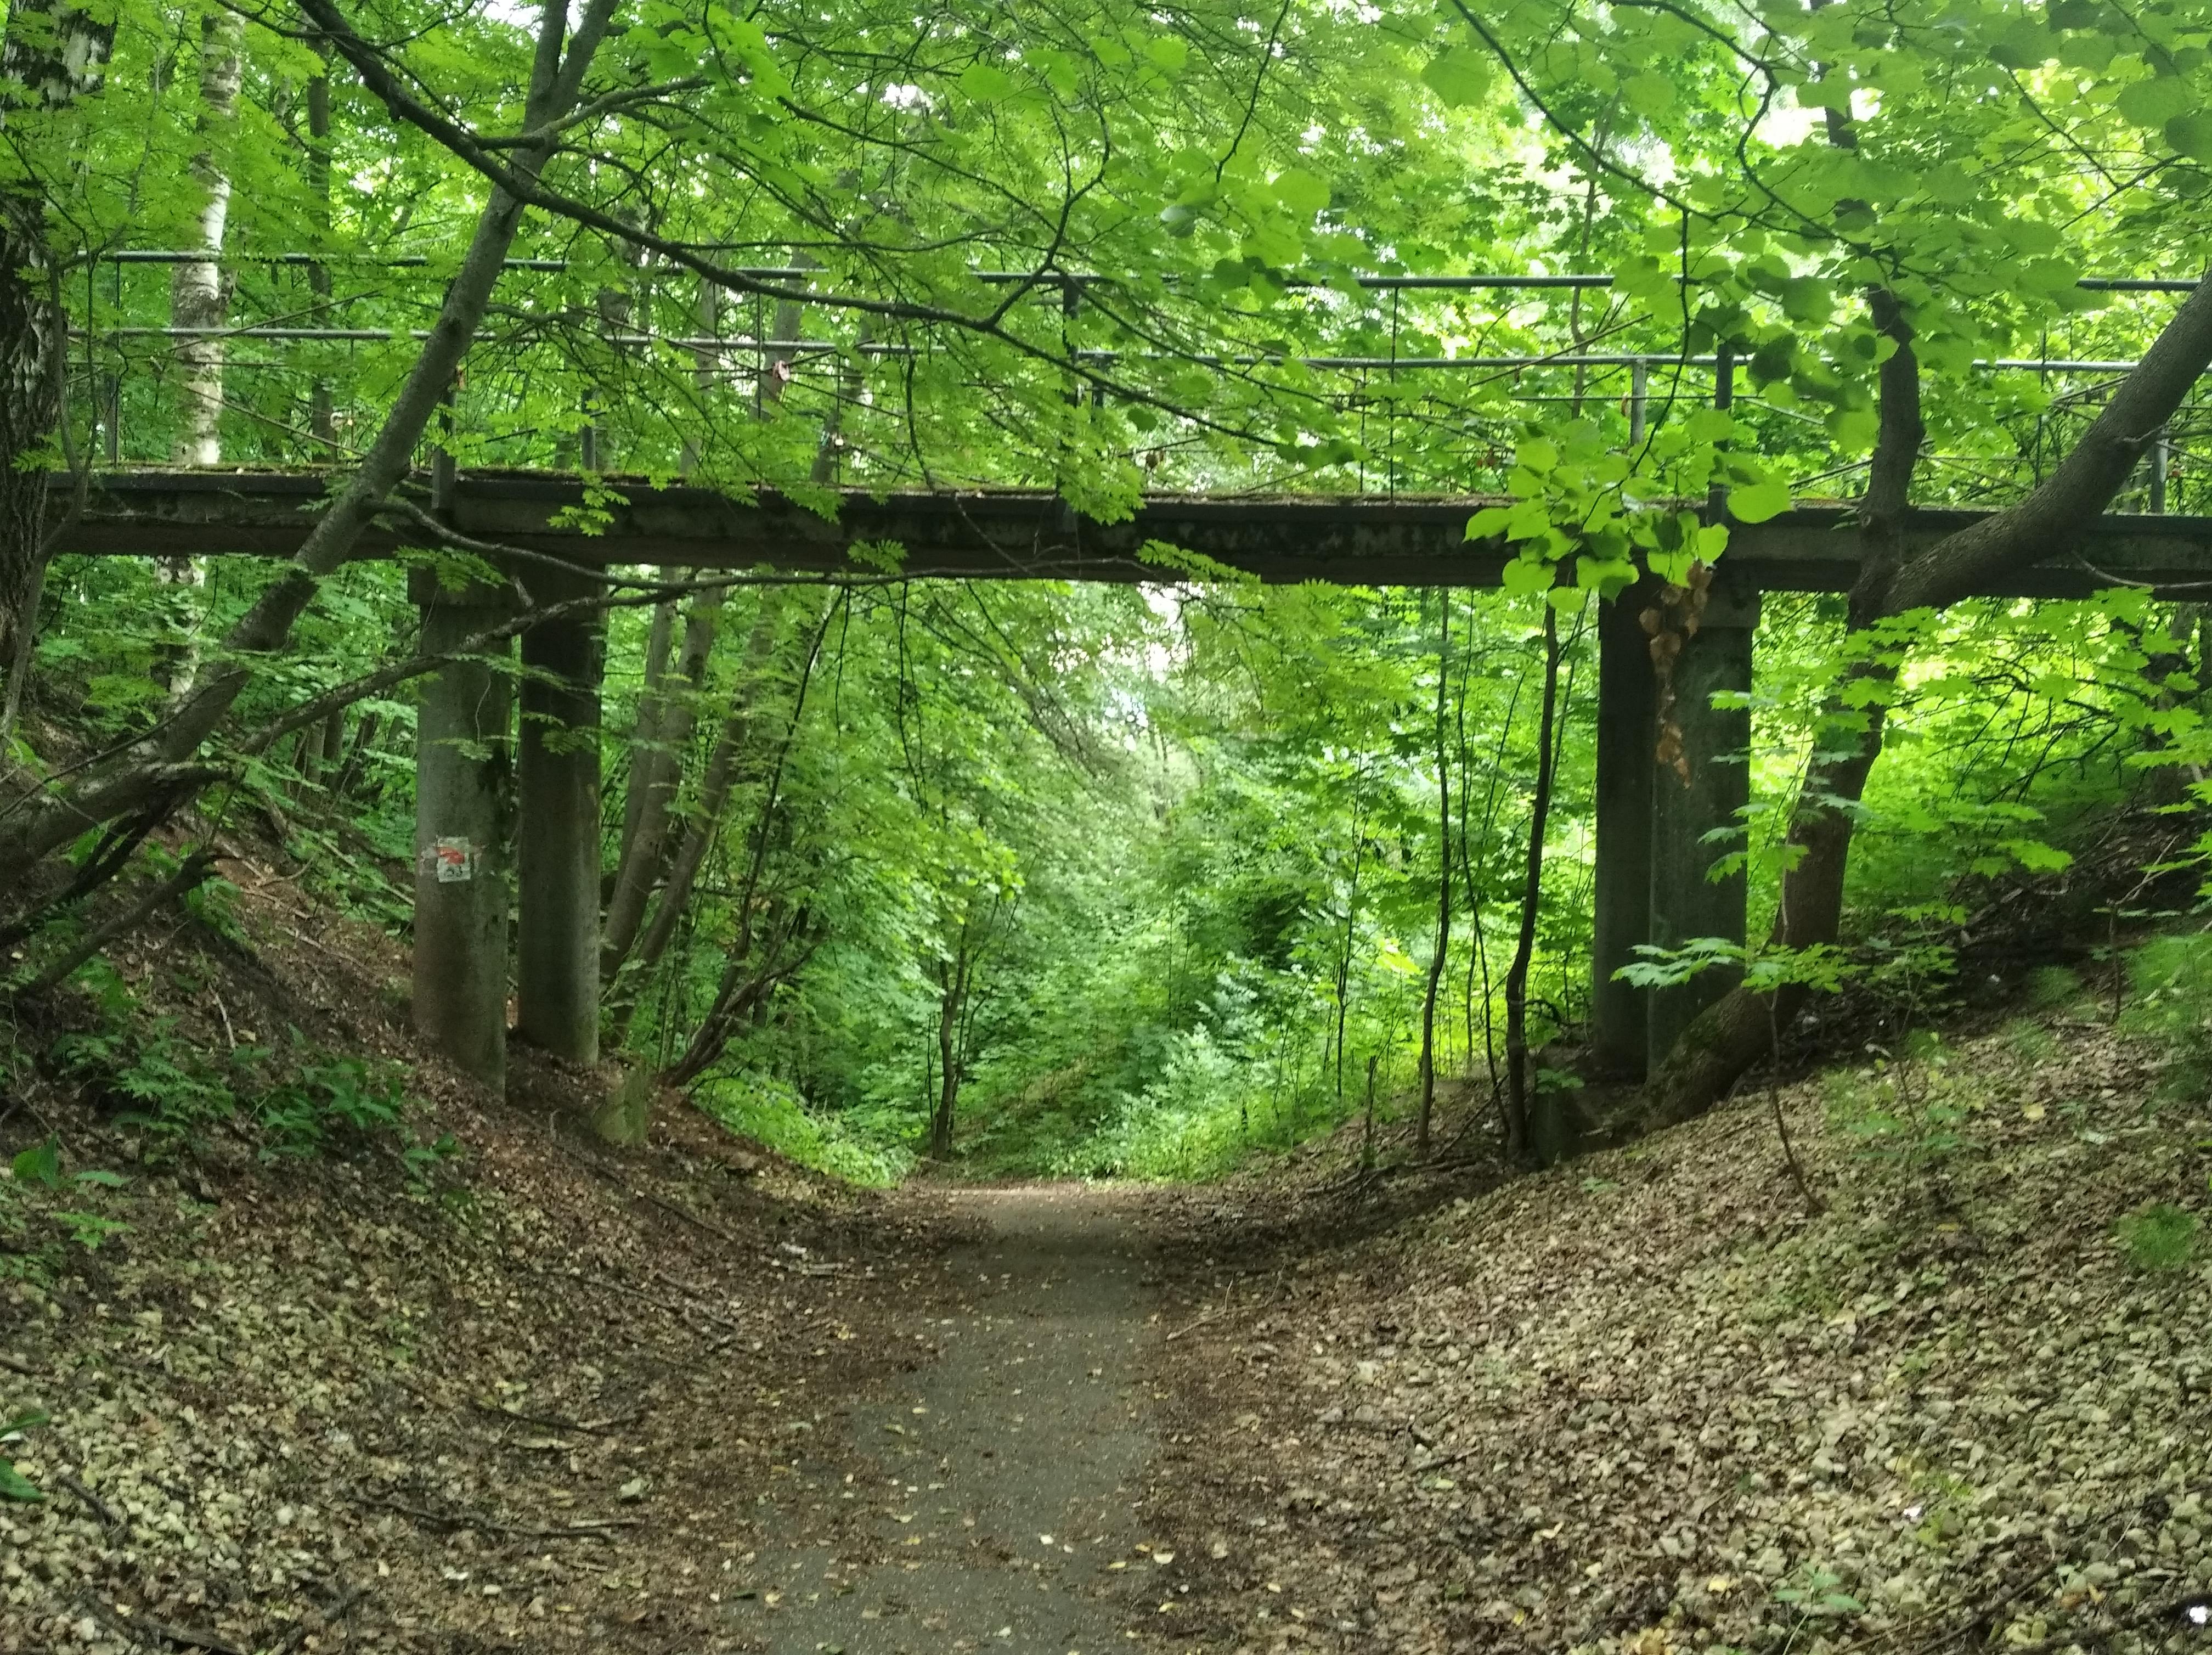 Мнение эксперта: оползни могут произойти на склонах парка «Швейцария» из-за неправильного благоустройства